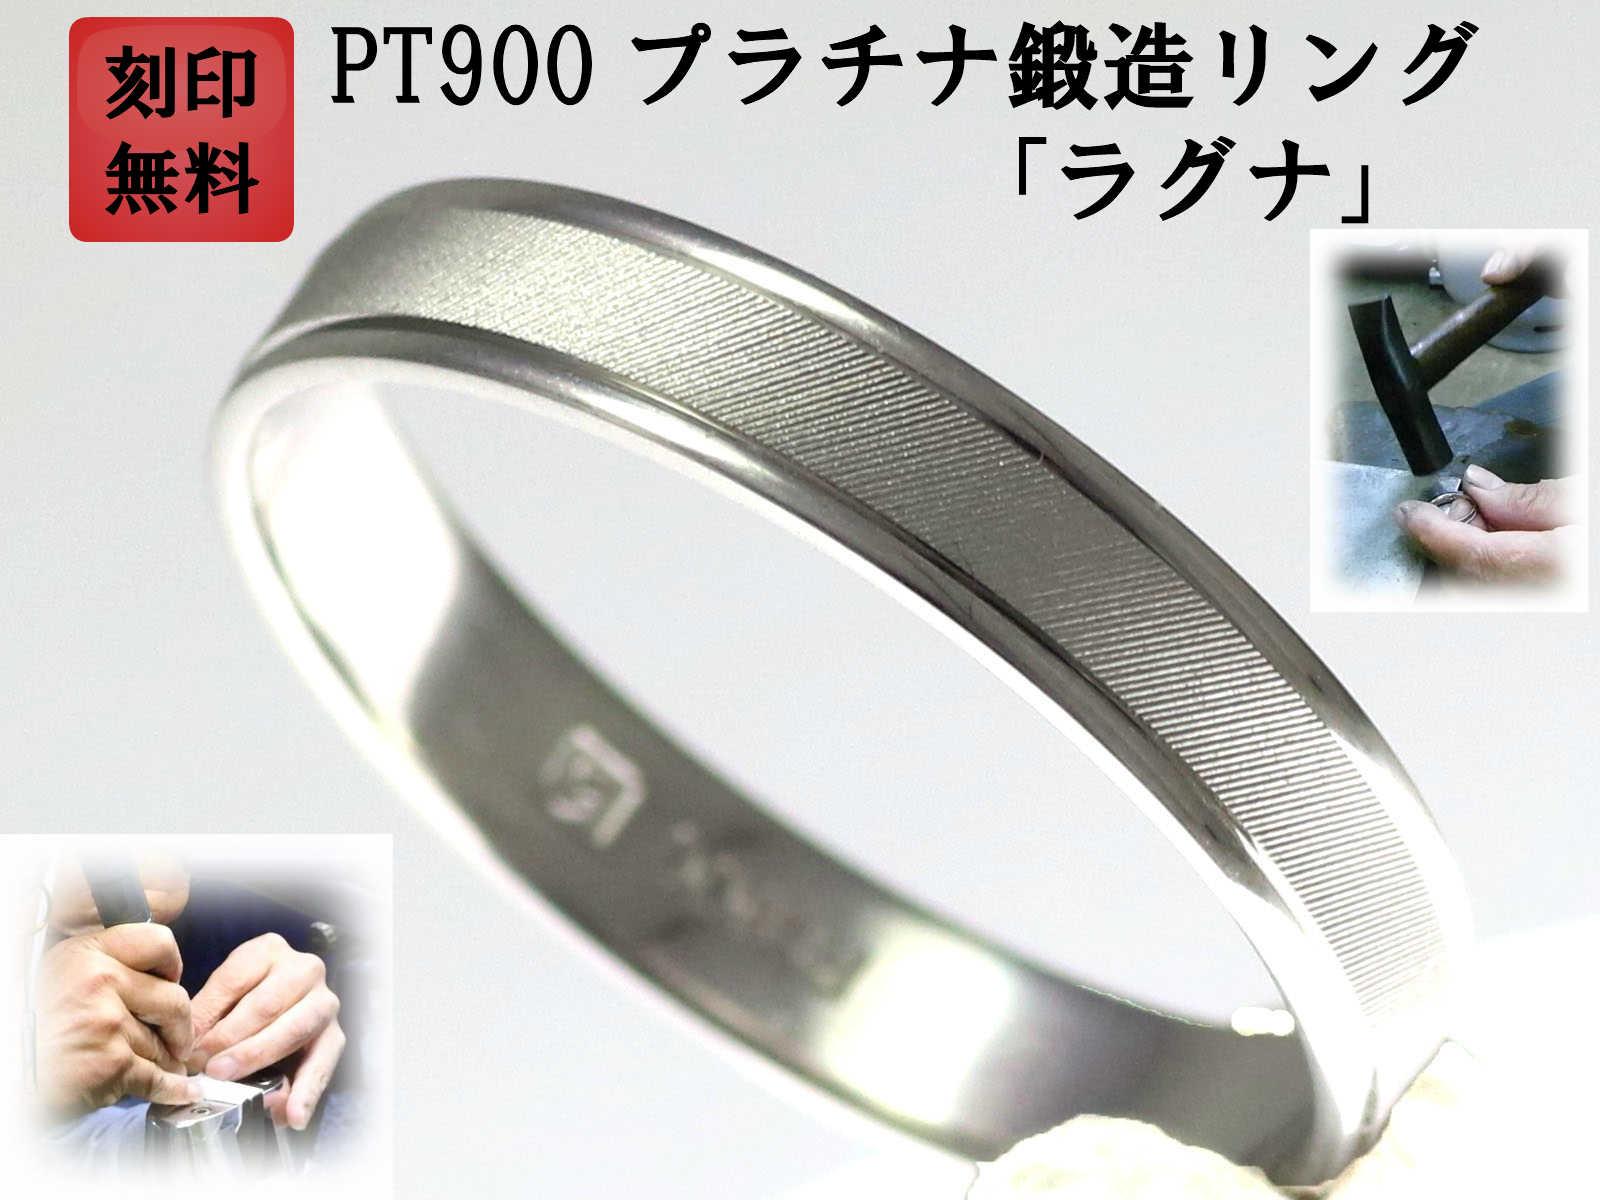 結婚指輪 マリッジリング プラチナ PT900 ペアリング 用 Marriage ring ペア リング 用 鍛造 平打ち 結婚 指輪 ブライダルリング 刻印無料 リング レディース メンズ 両用【新春セール】「ラグナ」